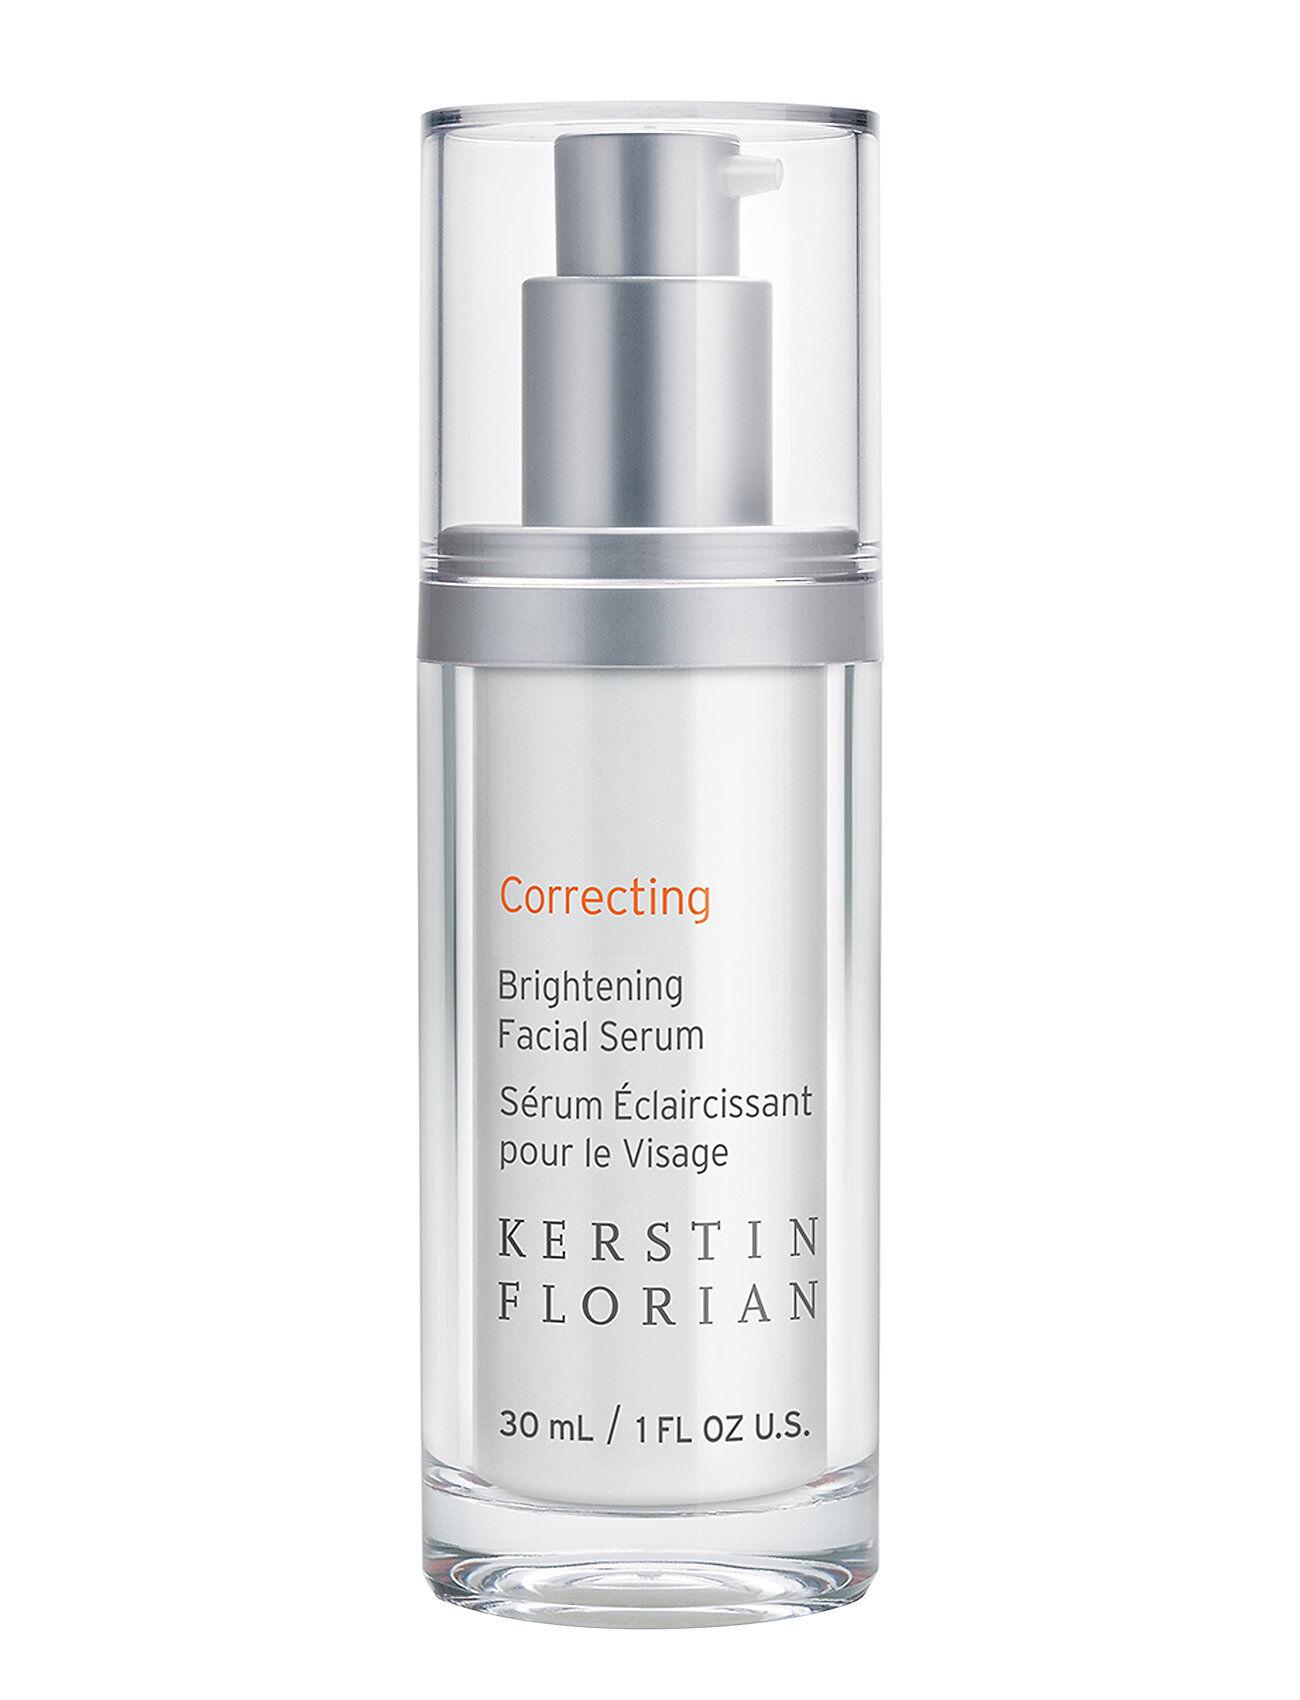 Kerstin Florian Correcting Brightening Facial Serum